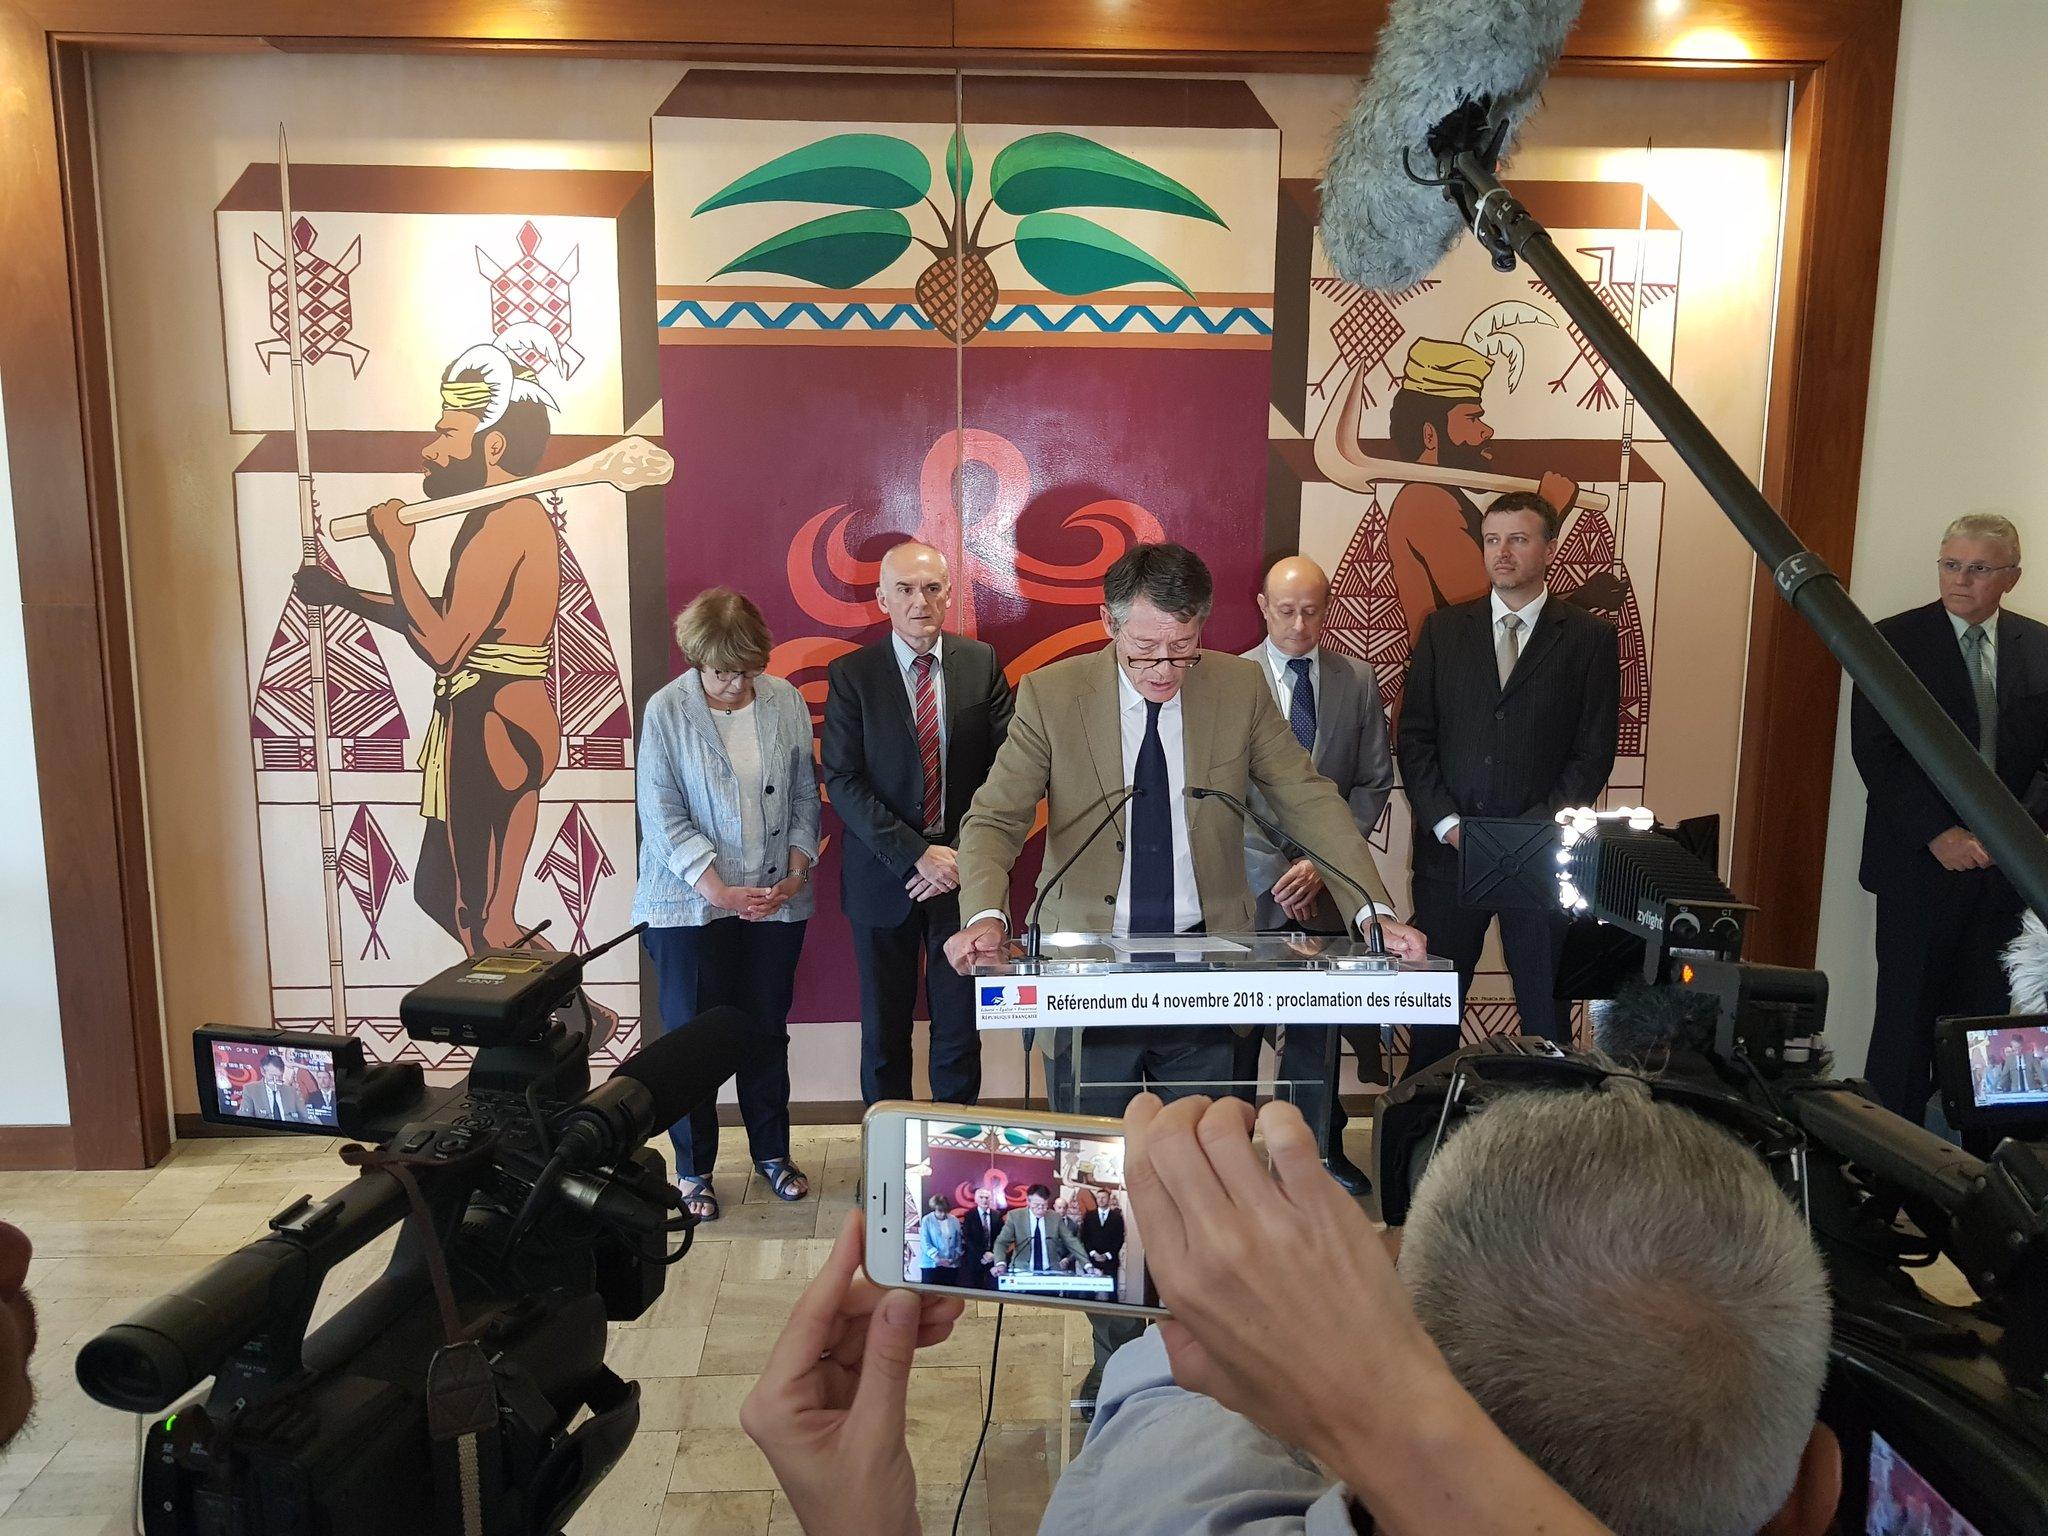 Référendum en Nouvelle-Calédonie : Le président de la commission de contrôle confiant pour le 4 octobre